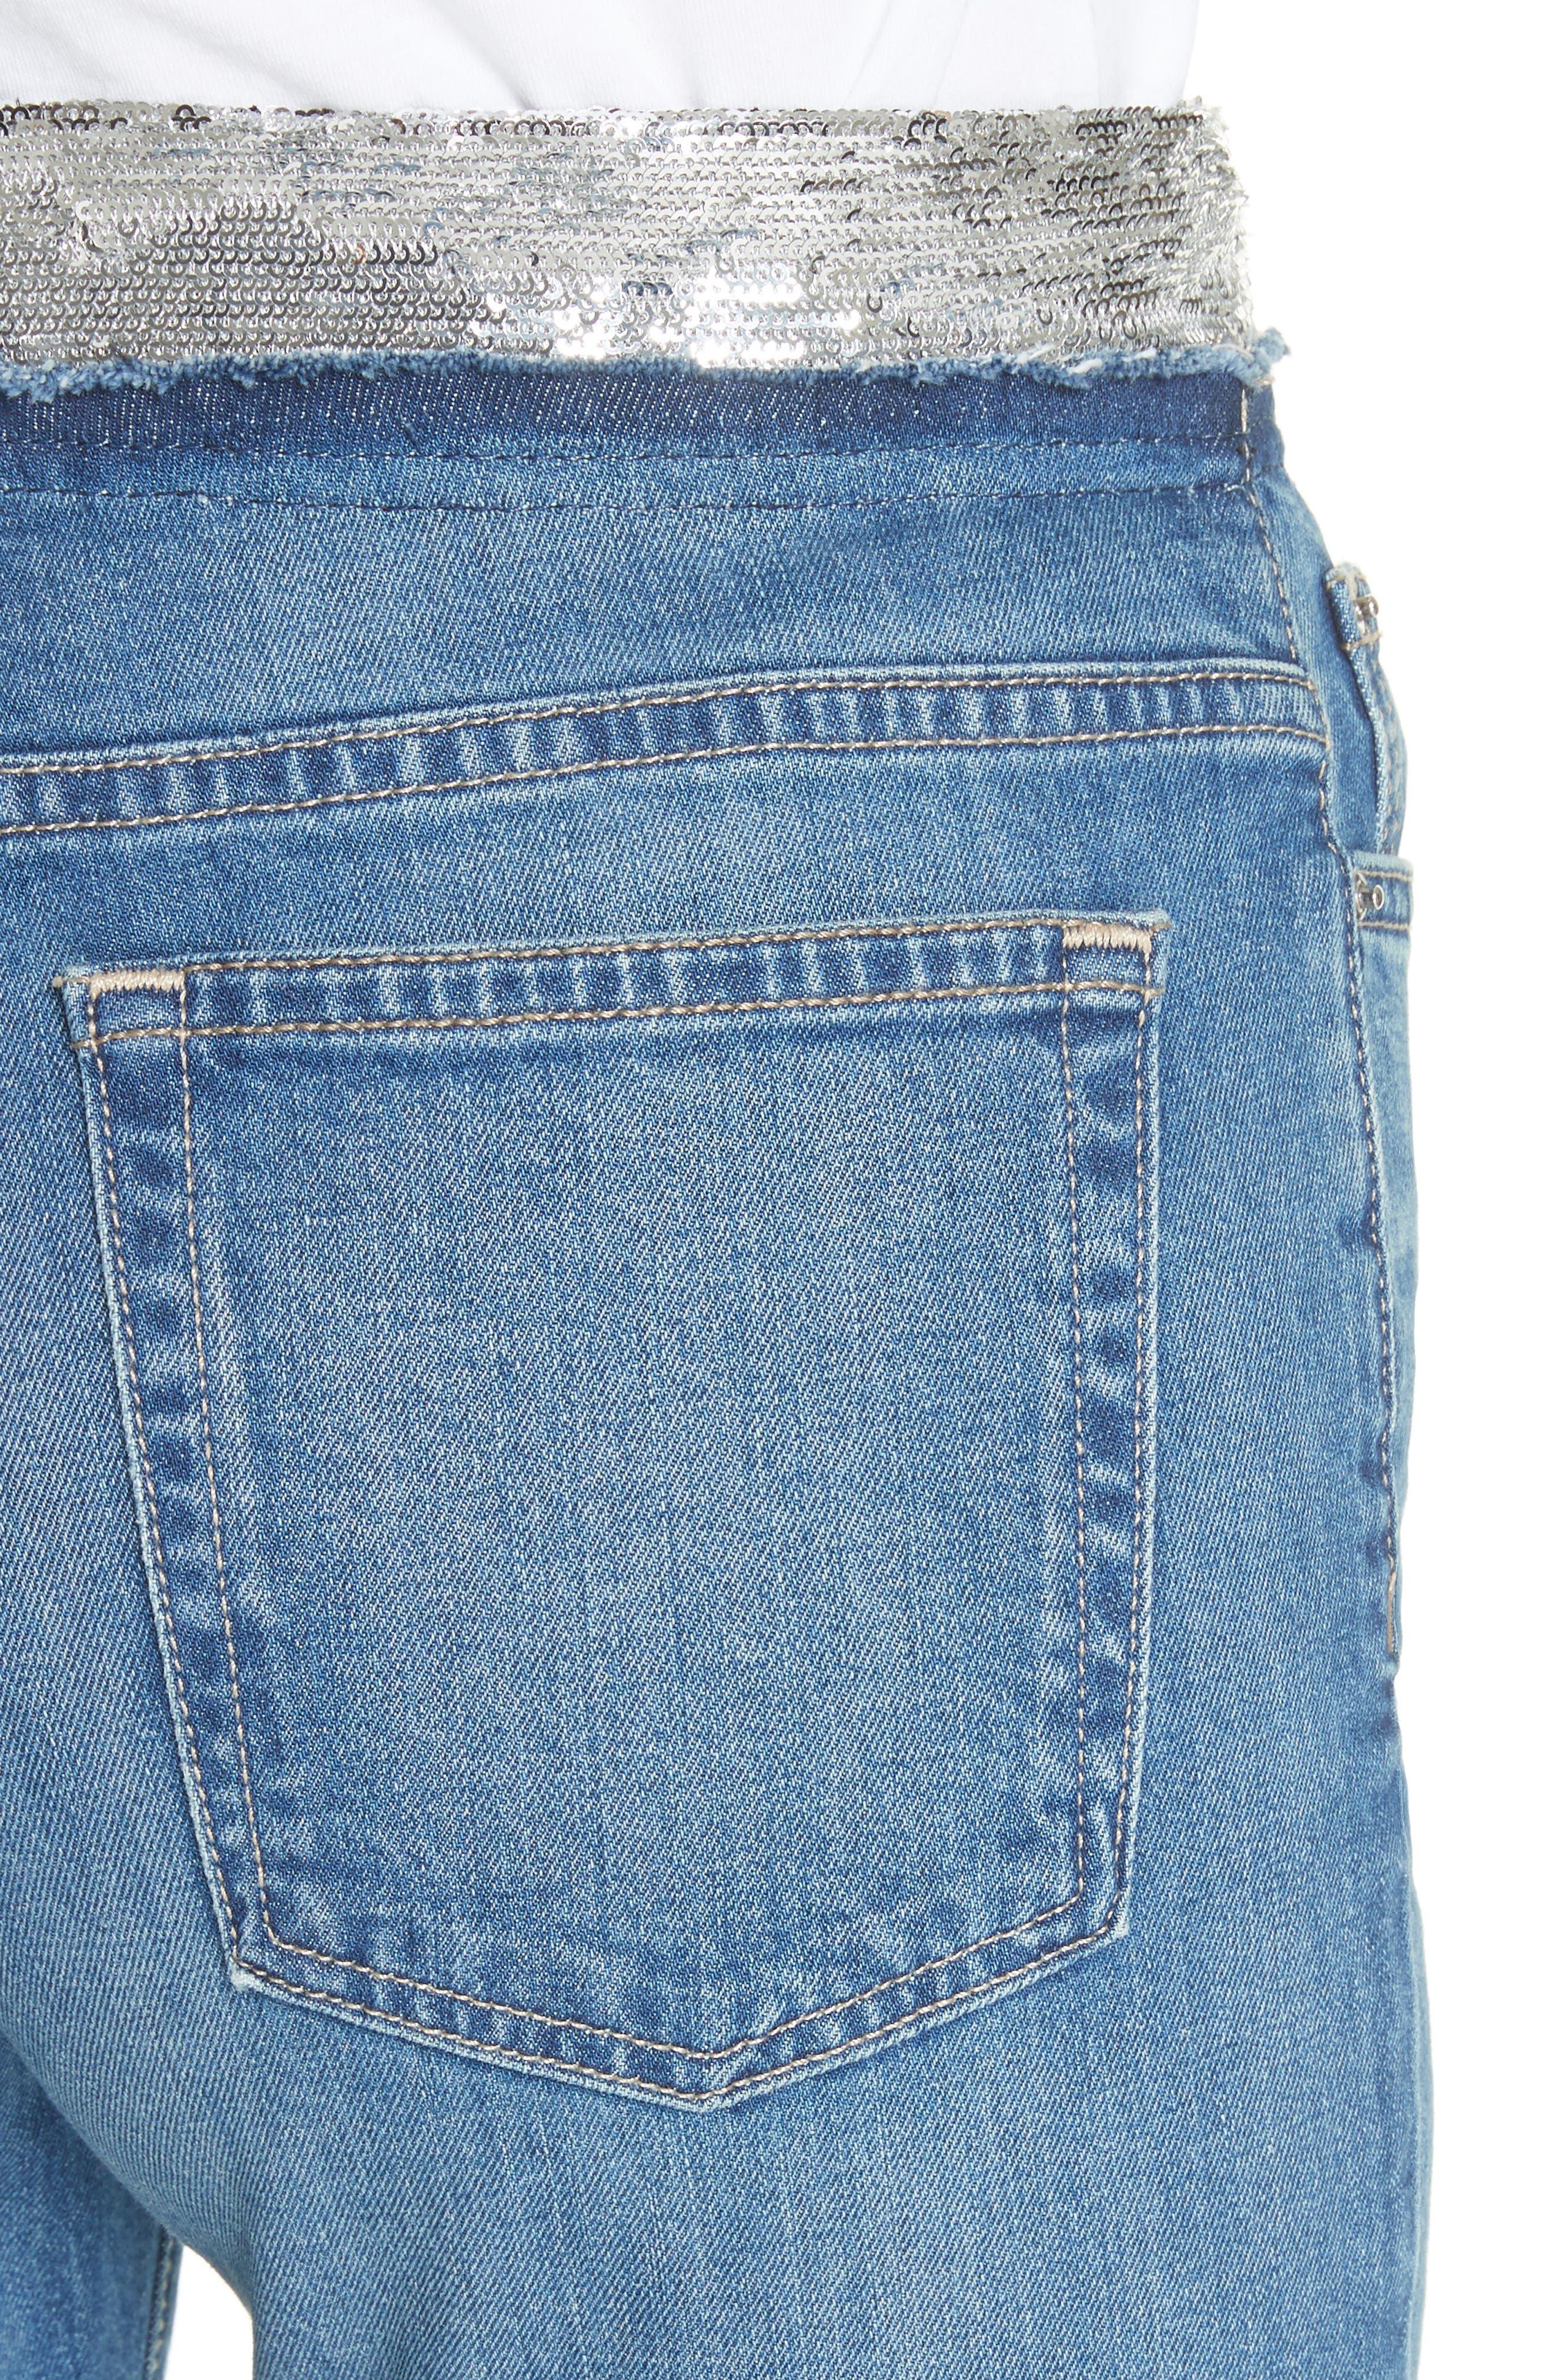 Jones Crop Jeans,                             Alternate thumbnail 4, color,                             Stone Blue